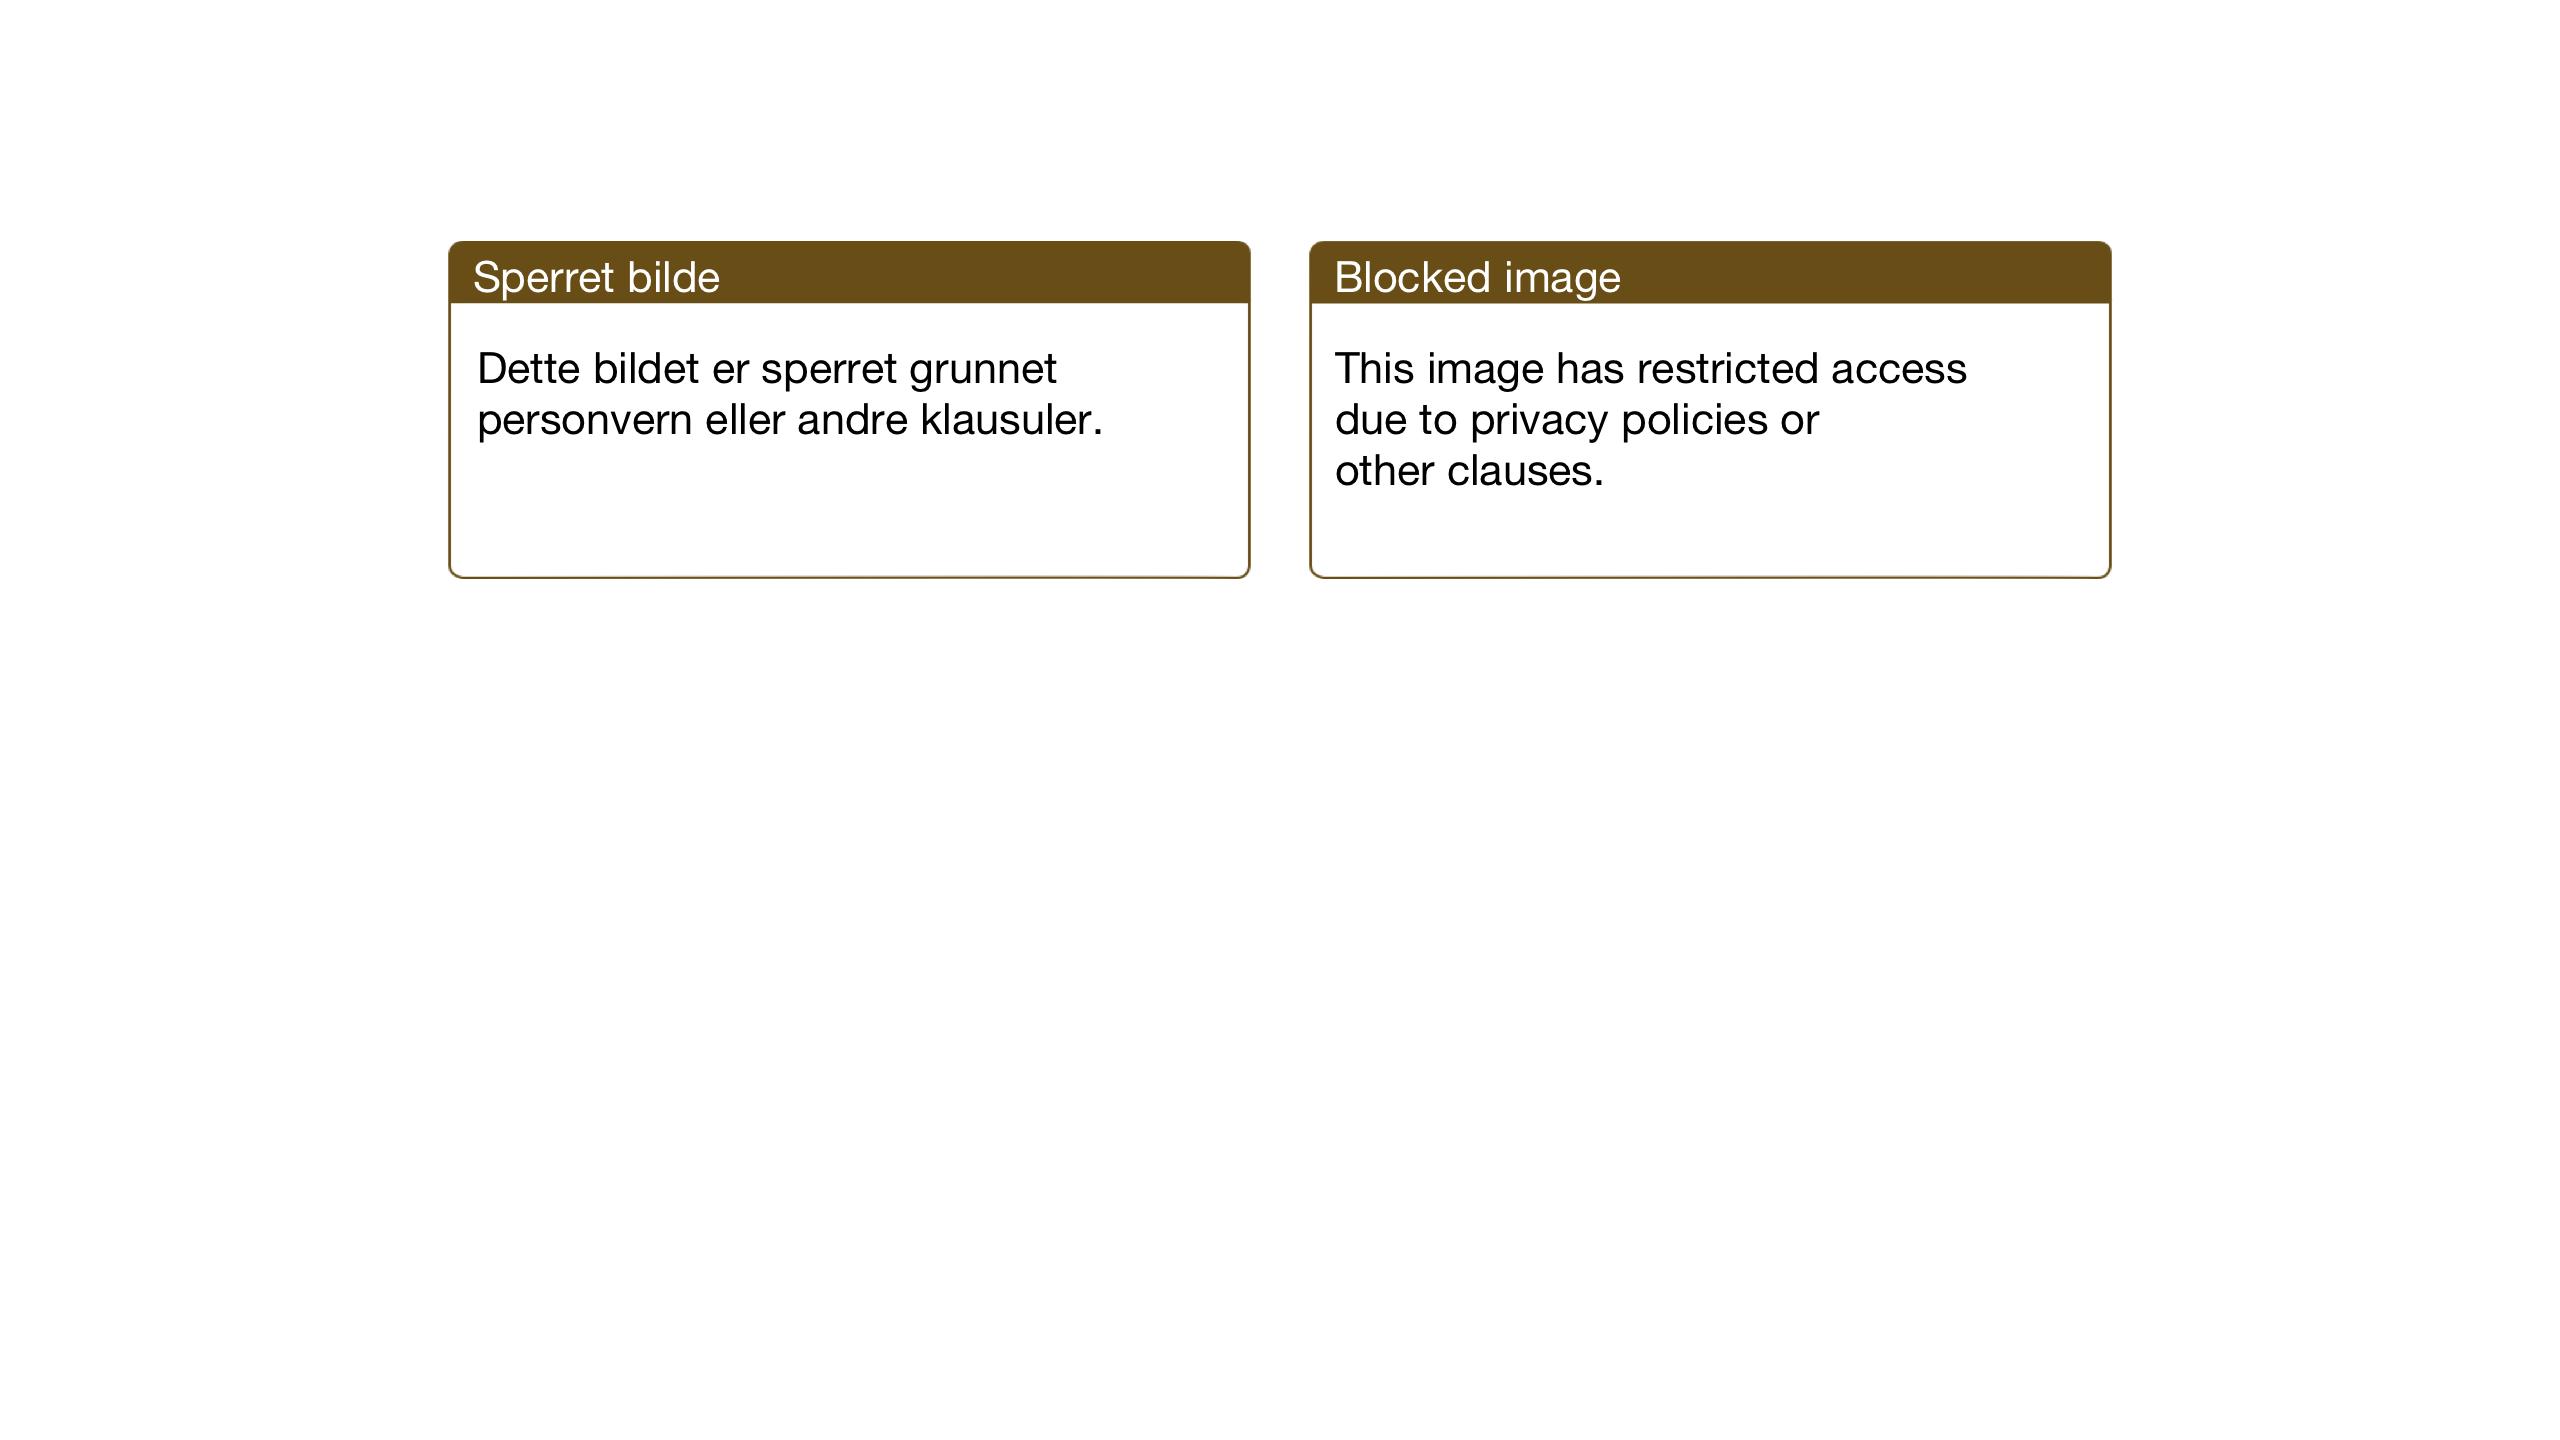 SAT, Ministerialprotokoller, klokkerbøker og fødselsregistre - Nord-Trøndelag, 714/L0136: Klokkerbok nr. 714C05, 1918-1957, s. 211